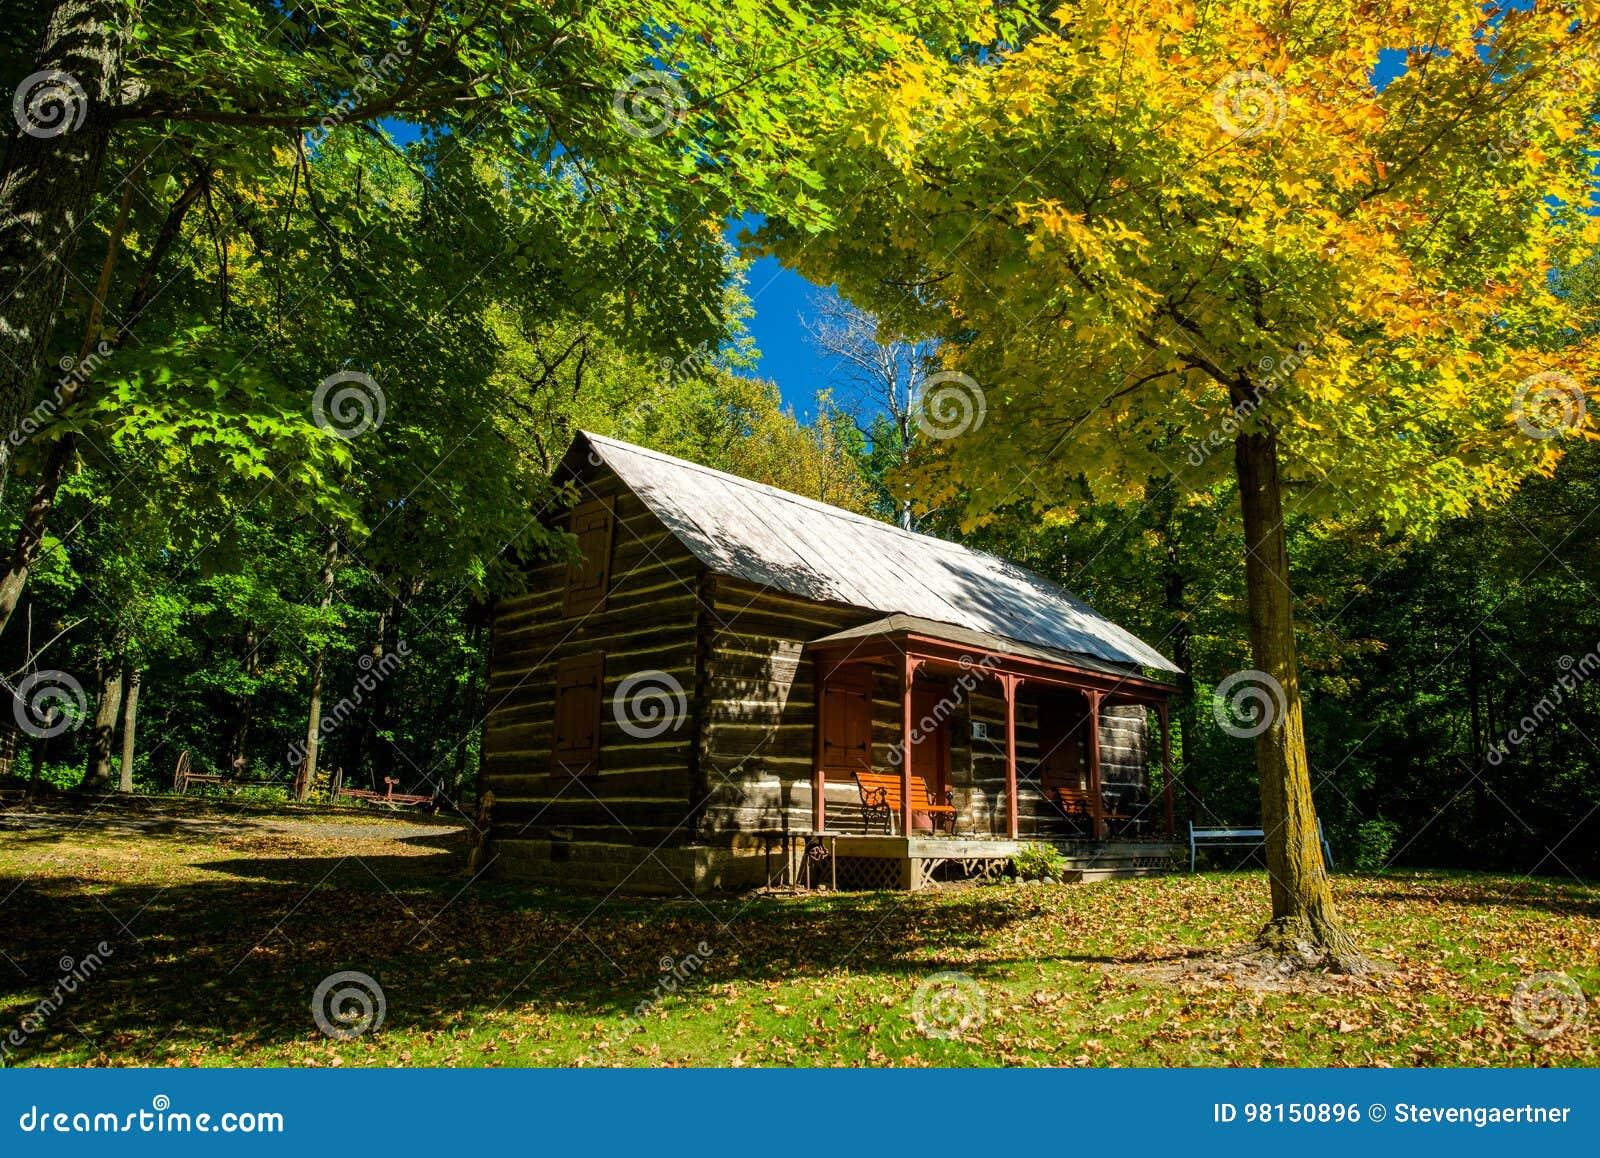 Бревенчатая хижина, осень, almelund, Минесота